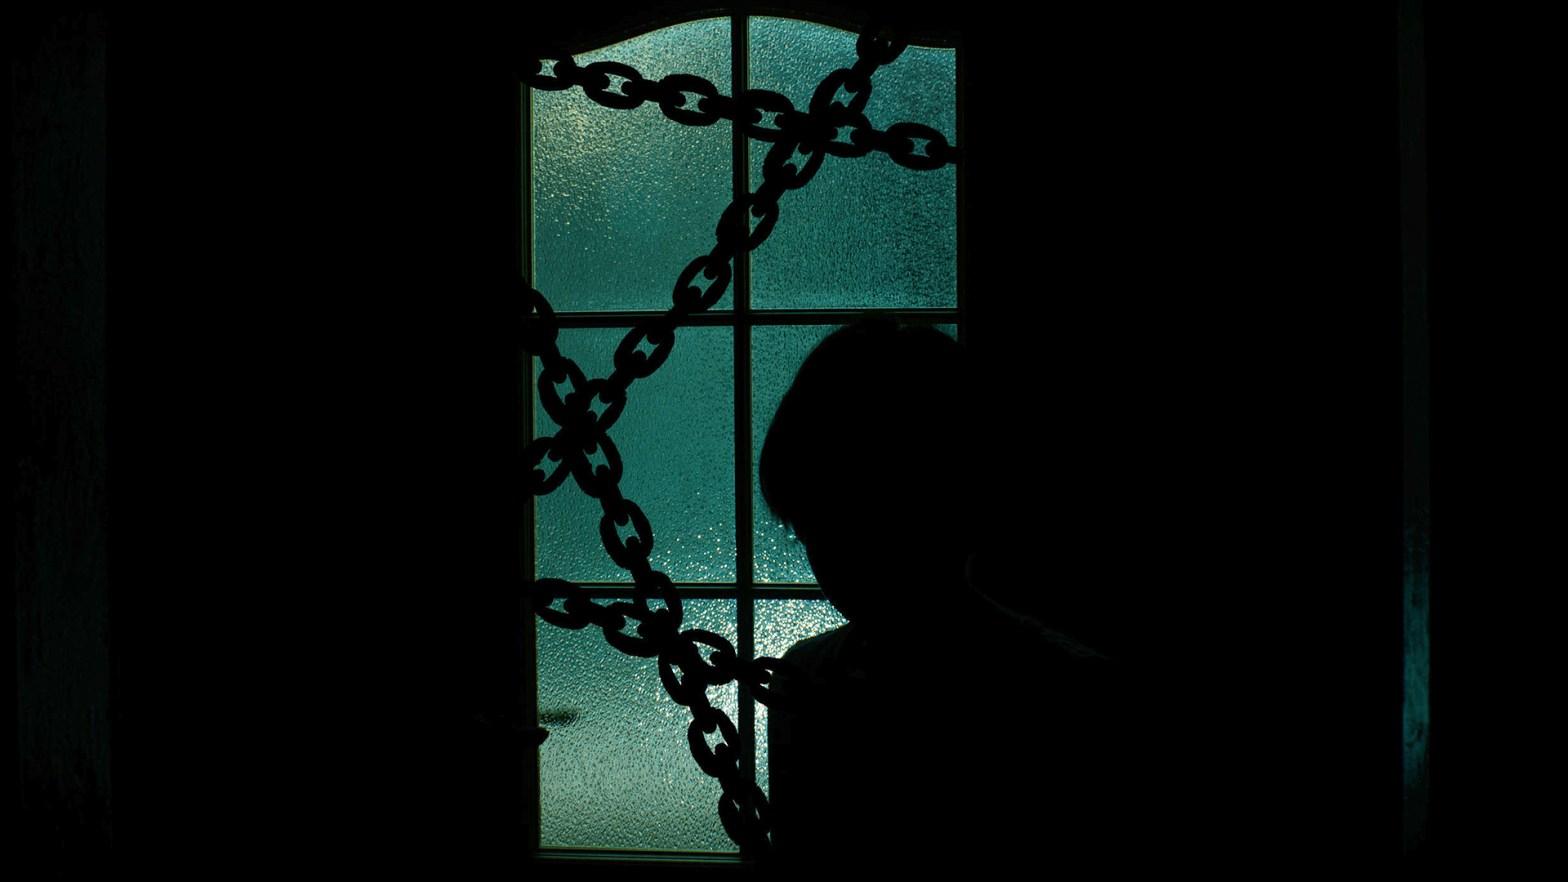 Imagen en sombra de un niños secuestrado